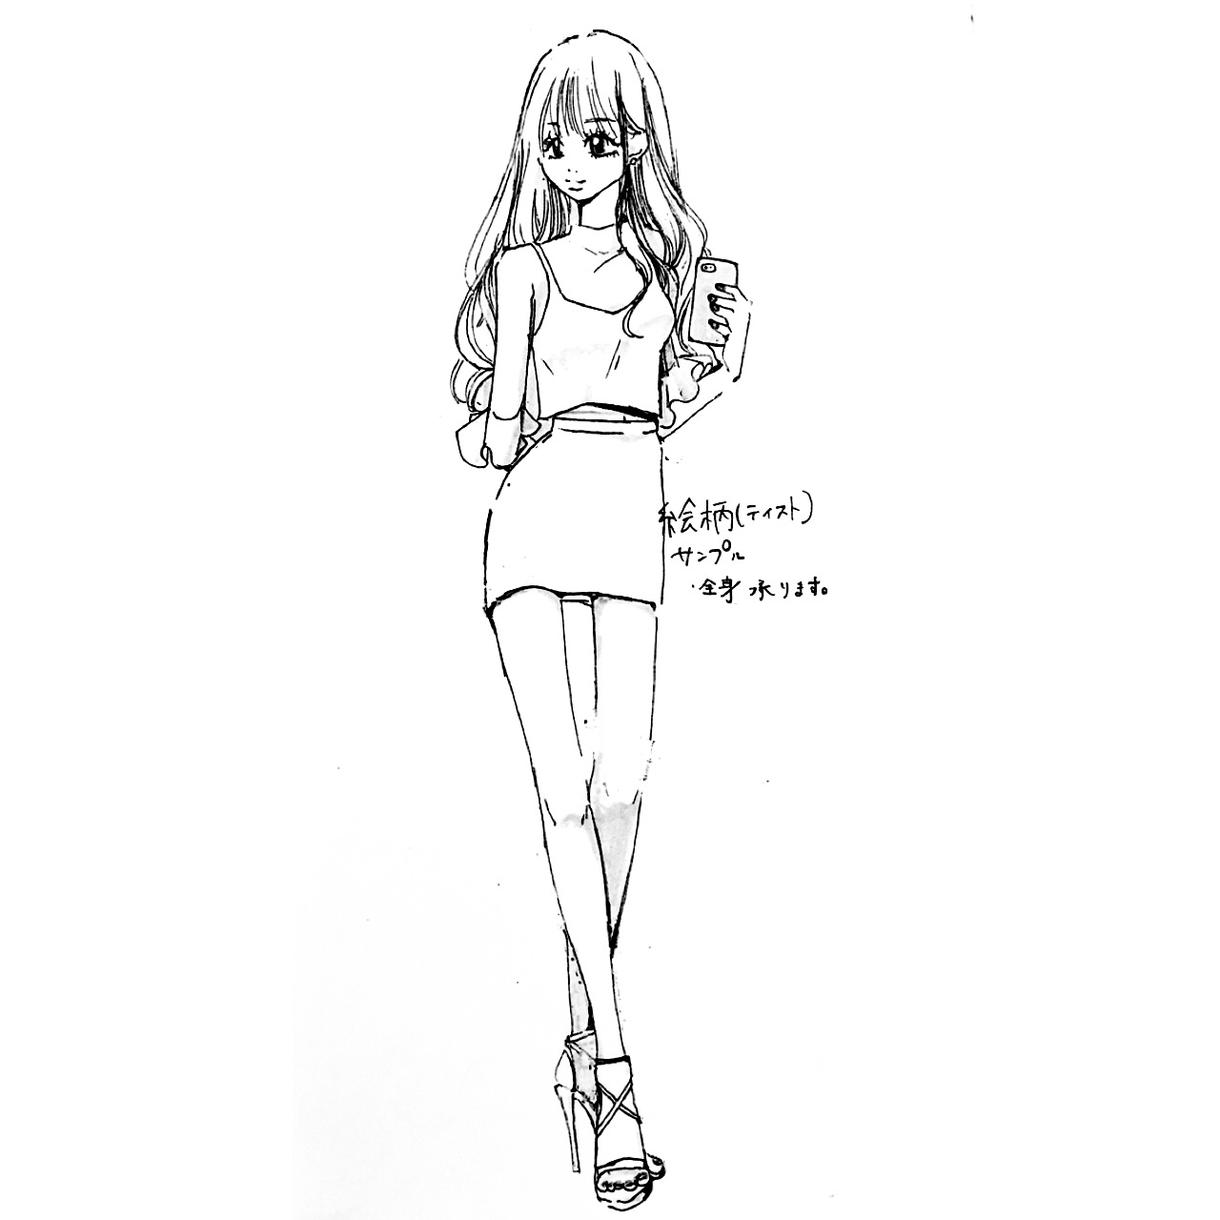 少女漫画風白黒アナログ似顔絵描きます 御要望をお聞かせ下さい。アップも全身も承ります。